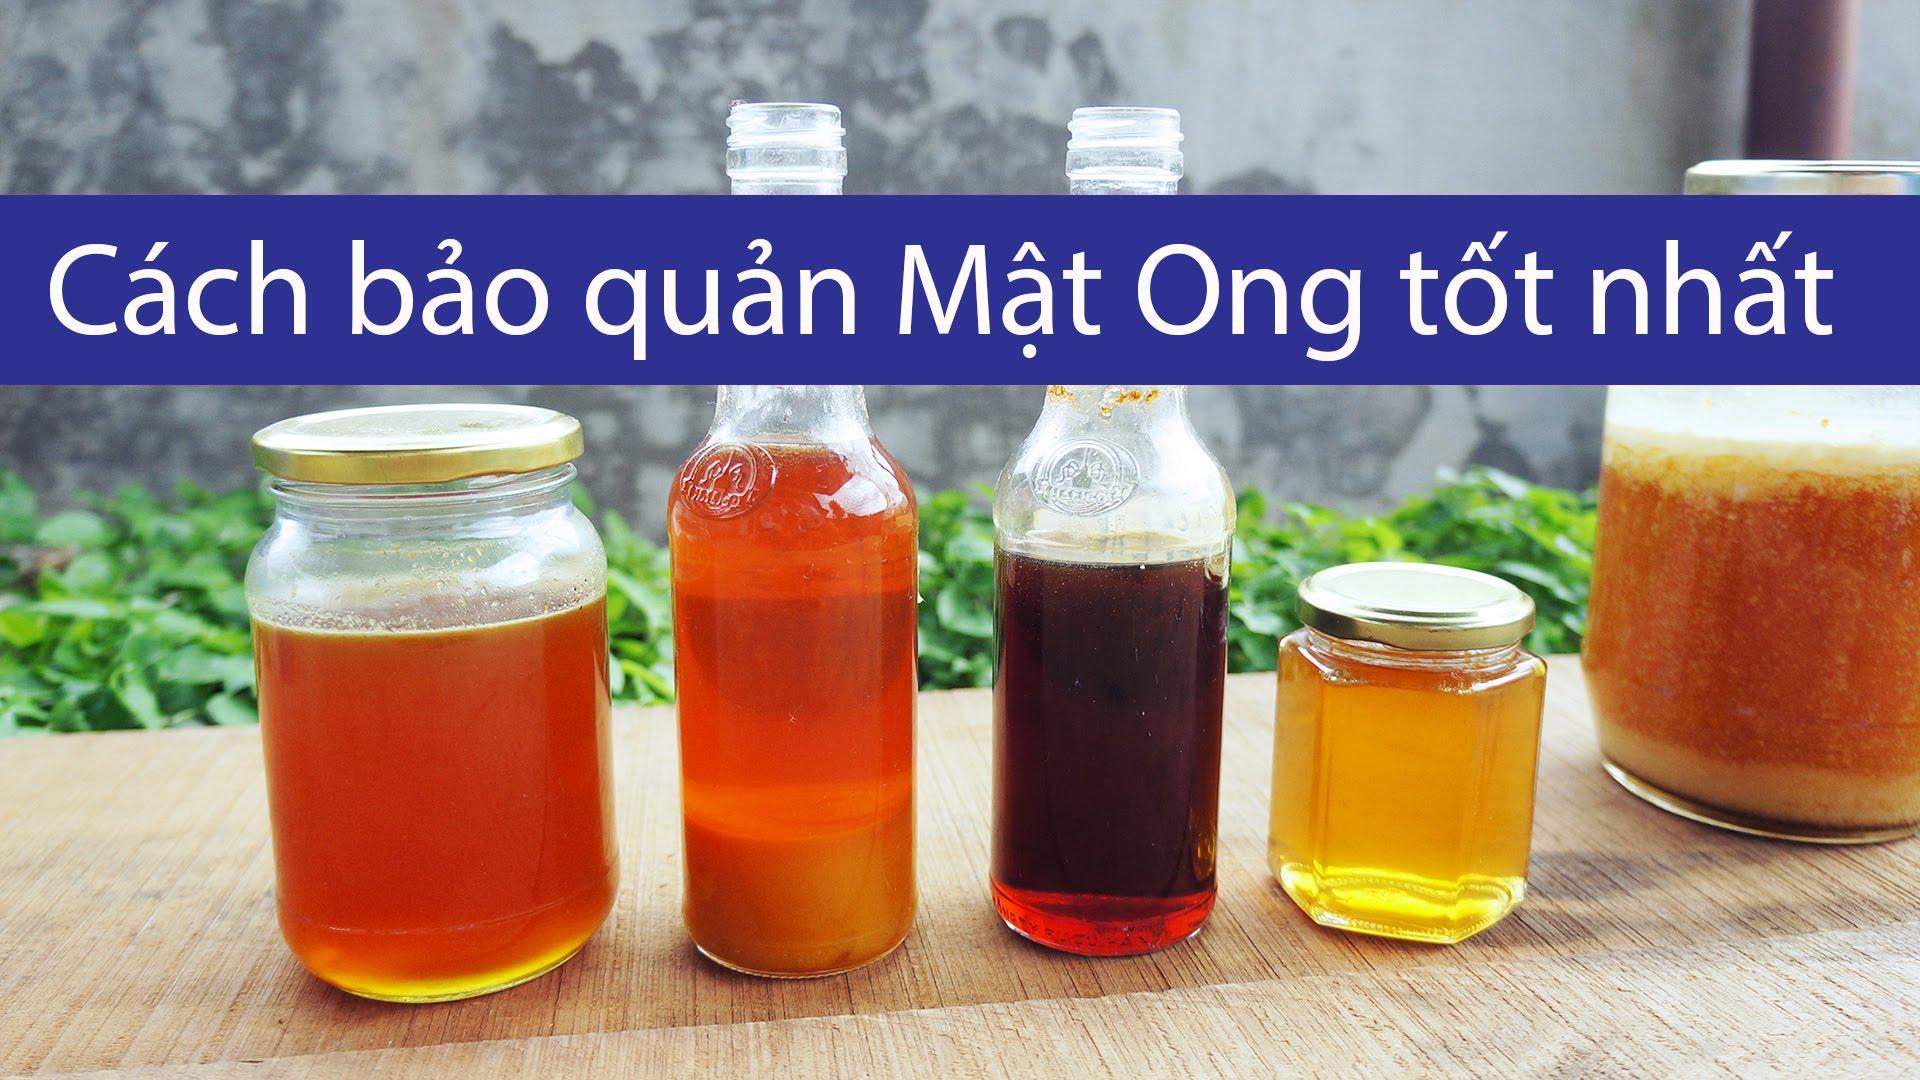 Bình thủy tinh hay bình nhựa đều có thể sử dụng để đựng mật ong